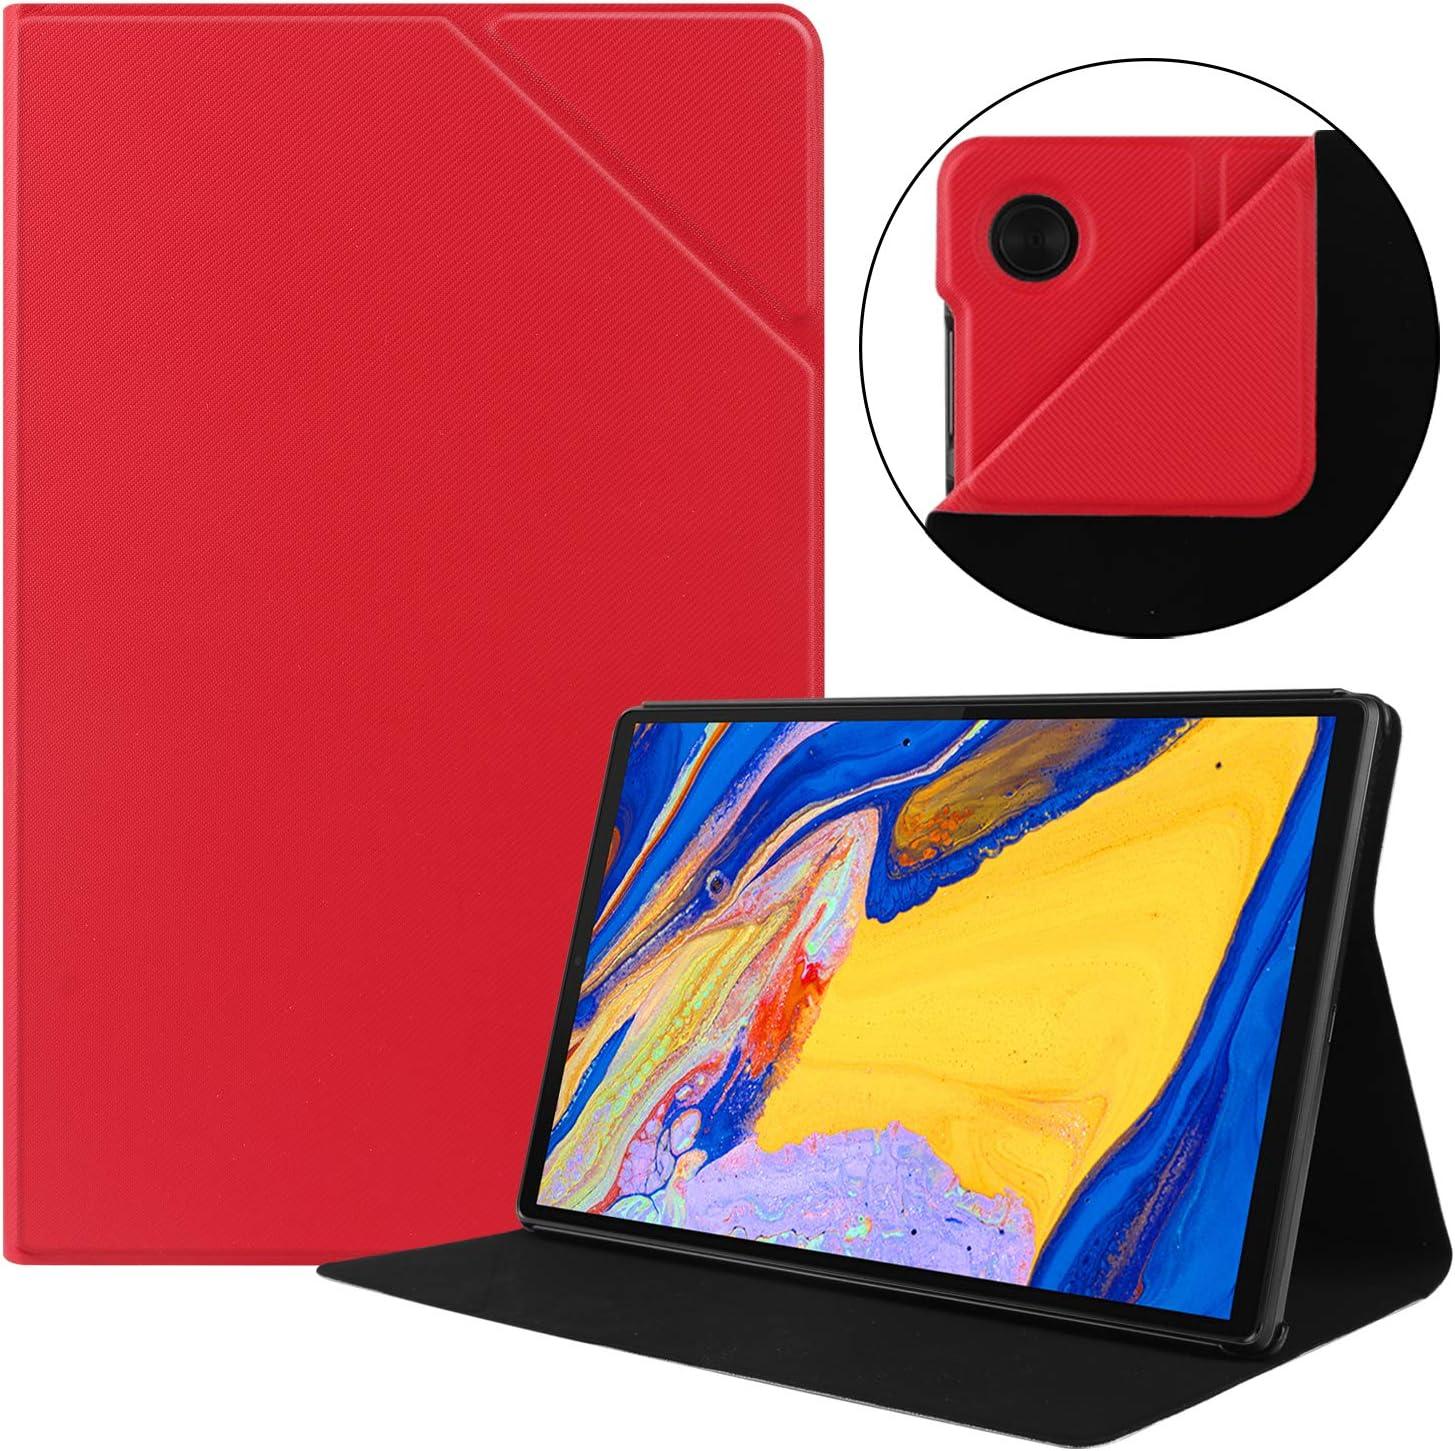 Funda KuRoKo para Lenovo Tab M10 Plus 10.3 (Rojo)